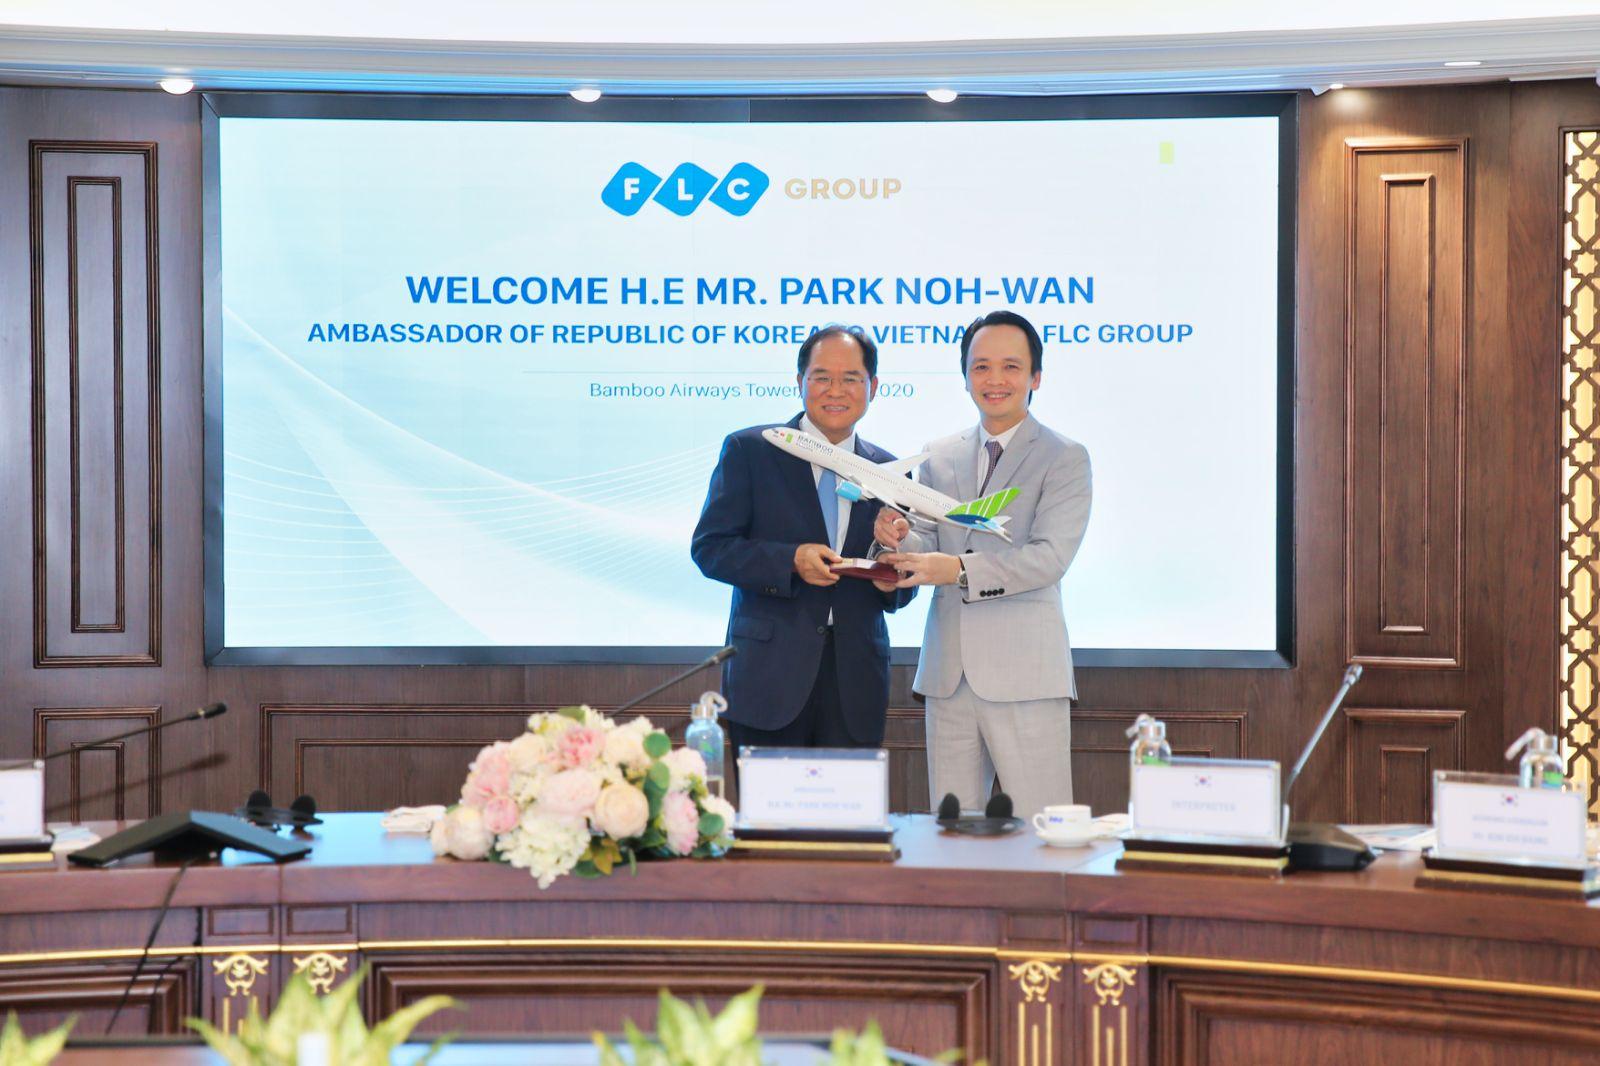 """Đại sứ Hàn Quốc tại Việt Nam: """"Sẵn sàng là cầu nối giữa FLC và các đối tác Hàn Quốc"""" - Ảnh 4"""